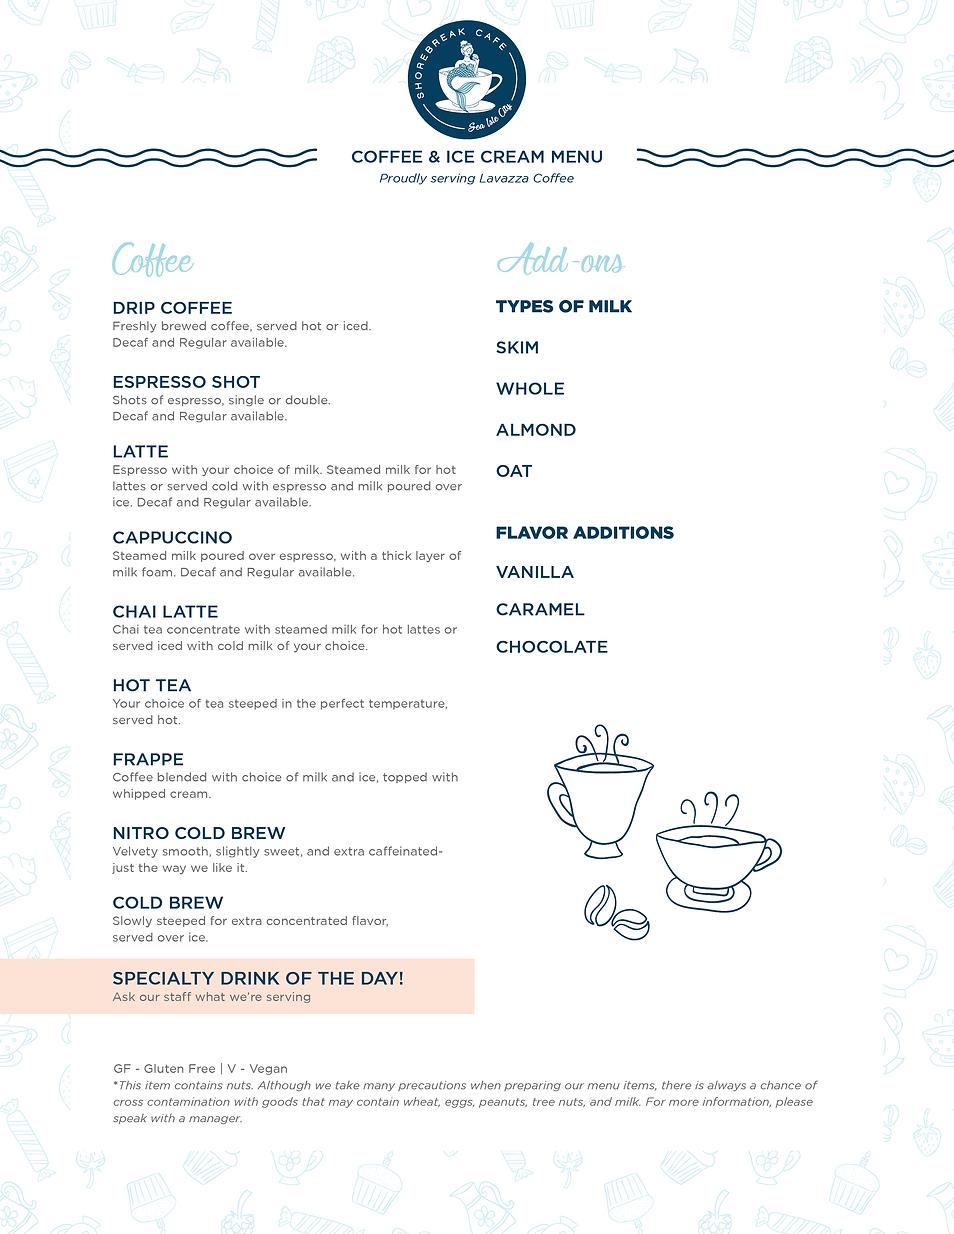 shorebreak_menus_final_July84.png